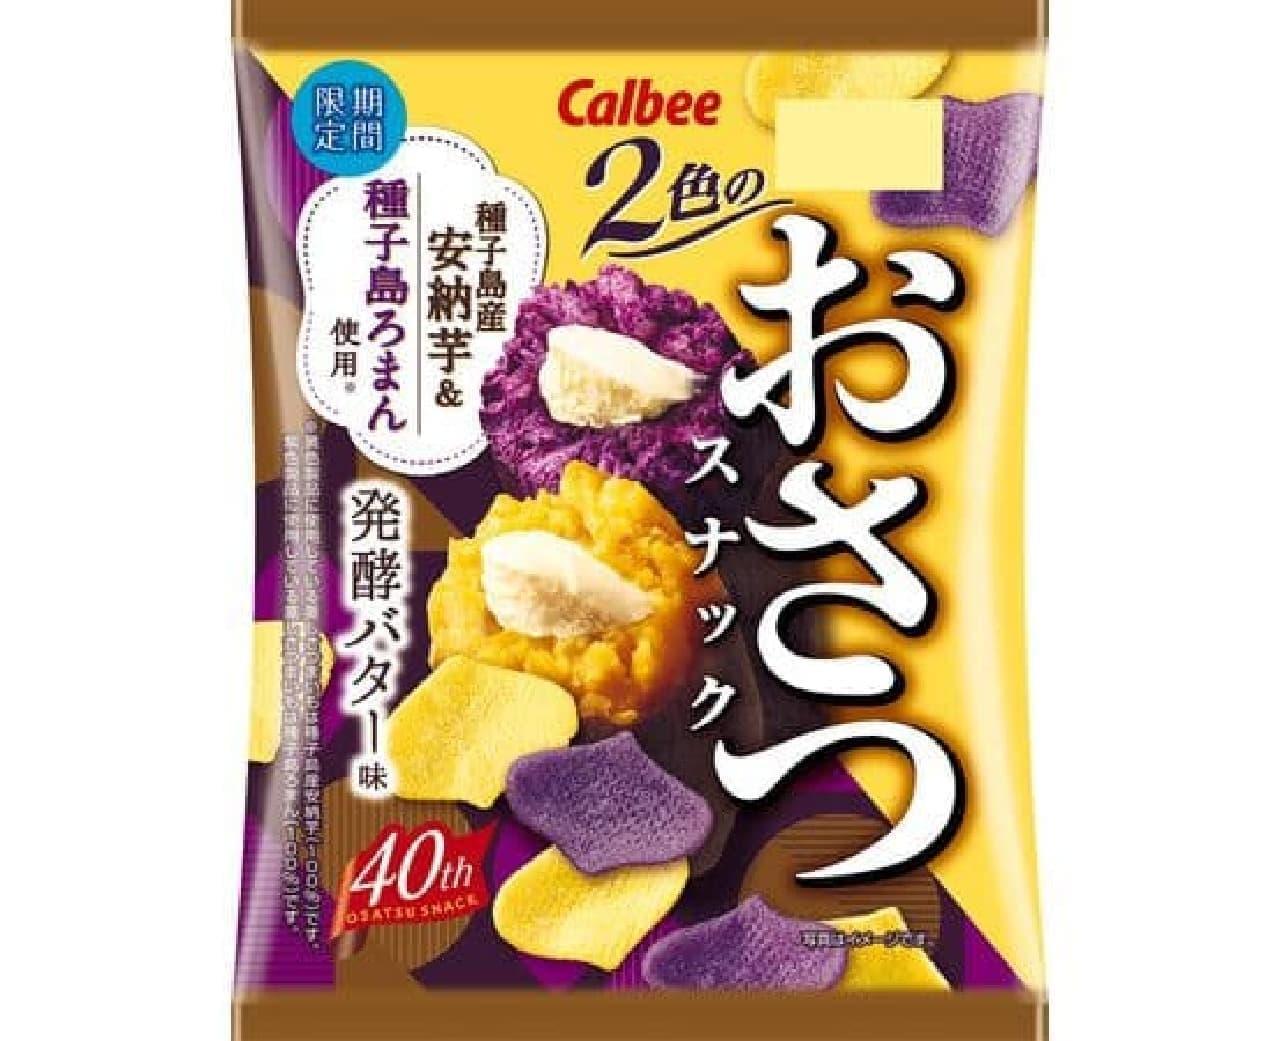 カルビー「2色のおさつスナック 発酵バター味」